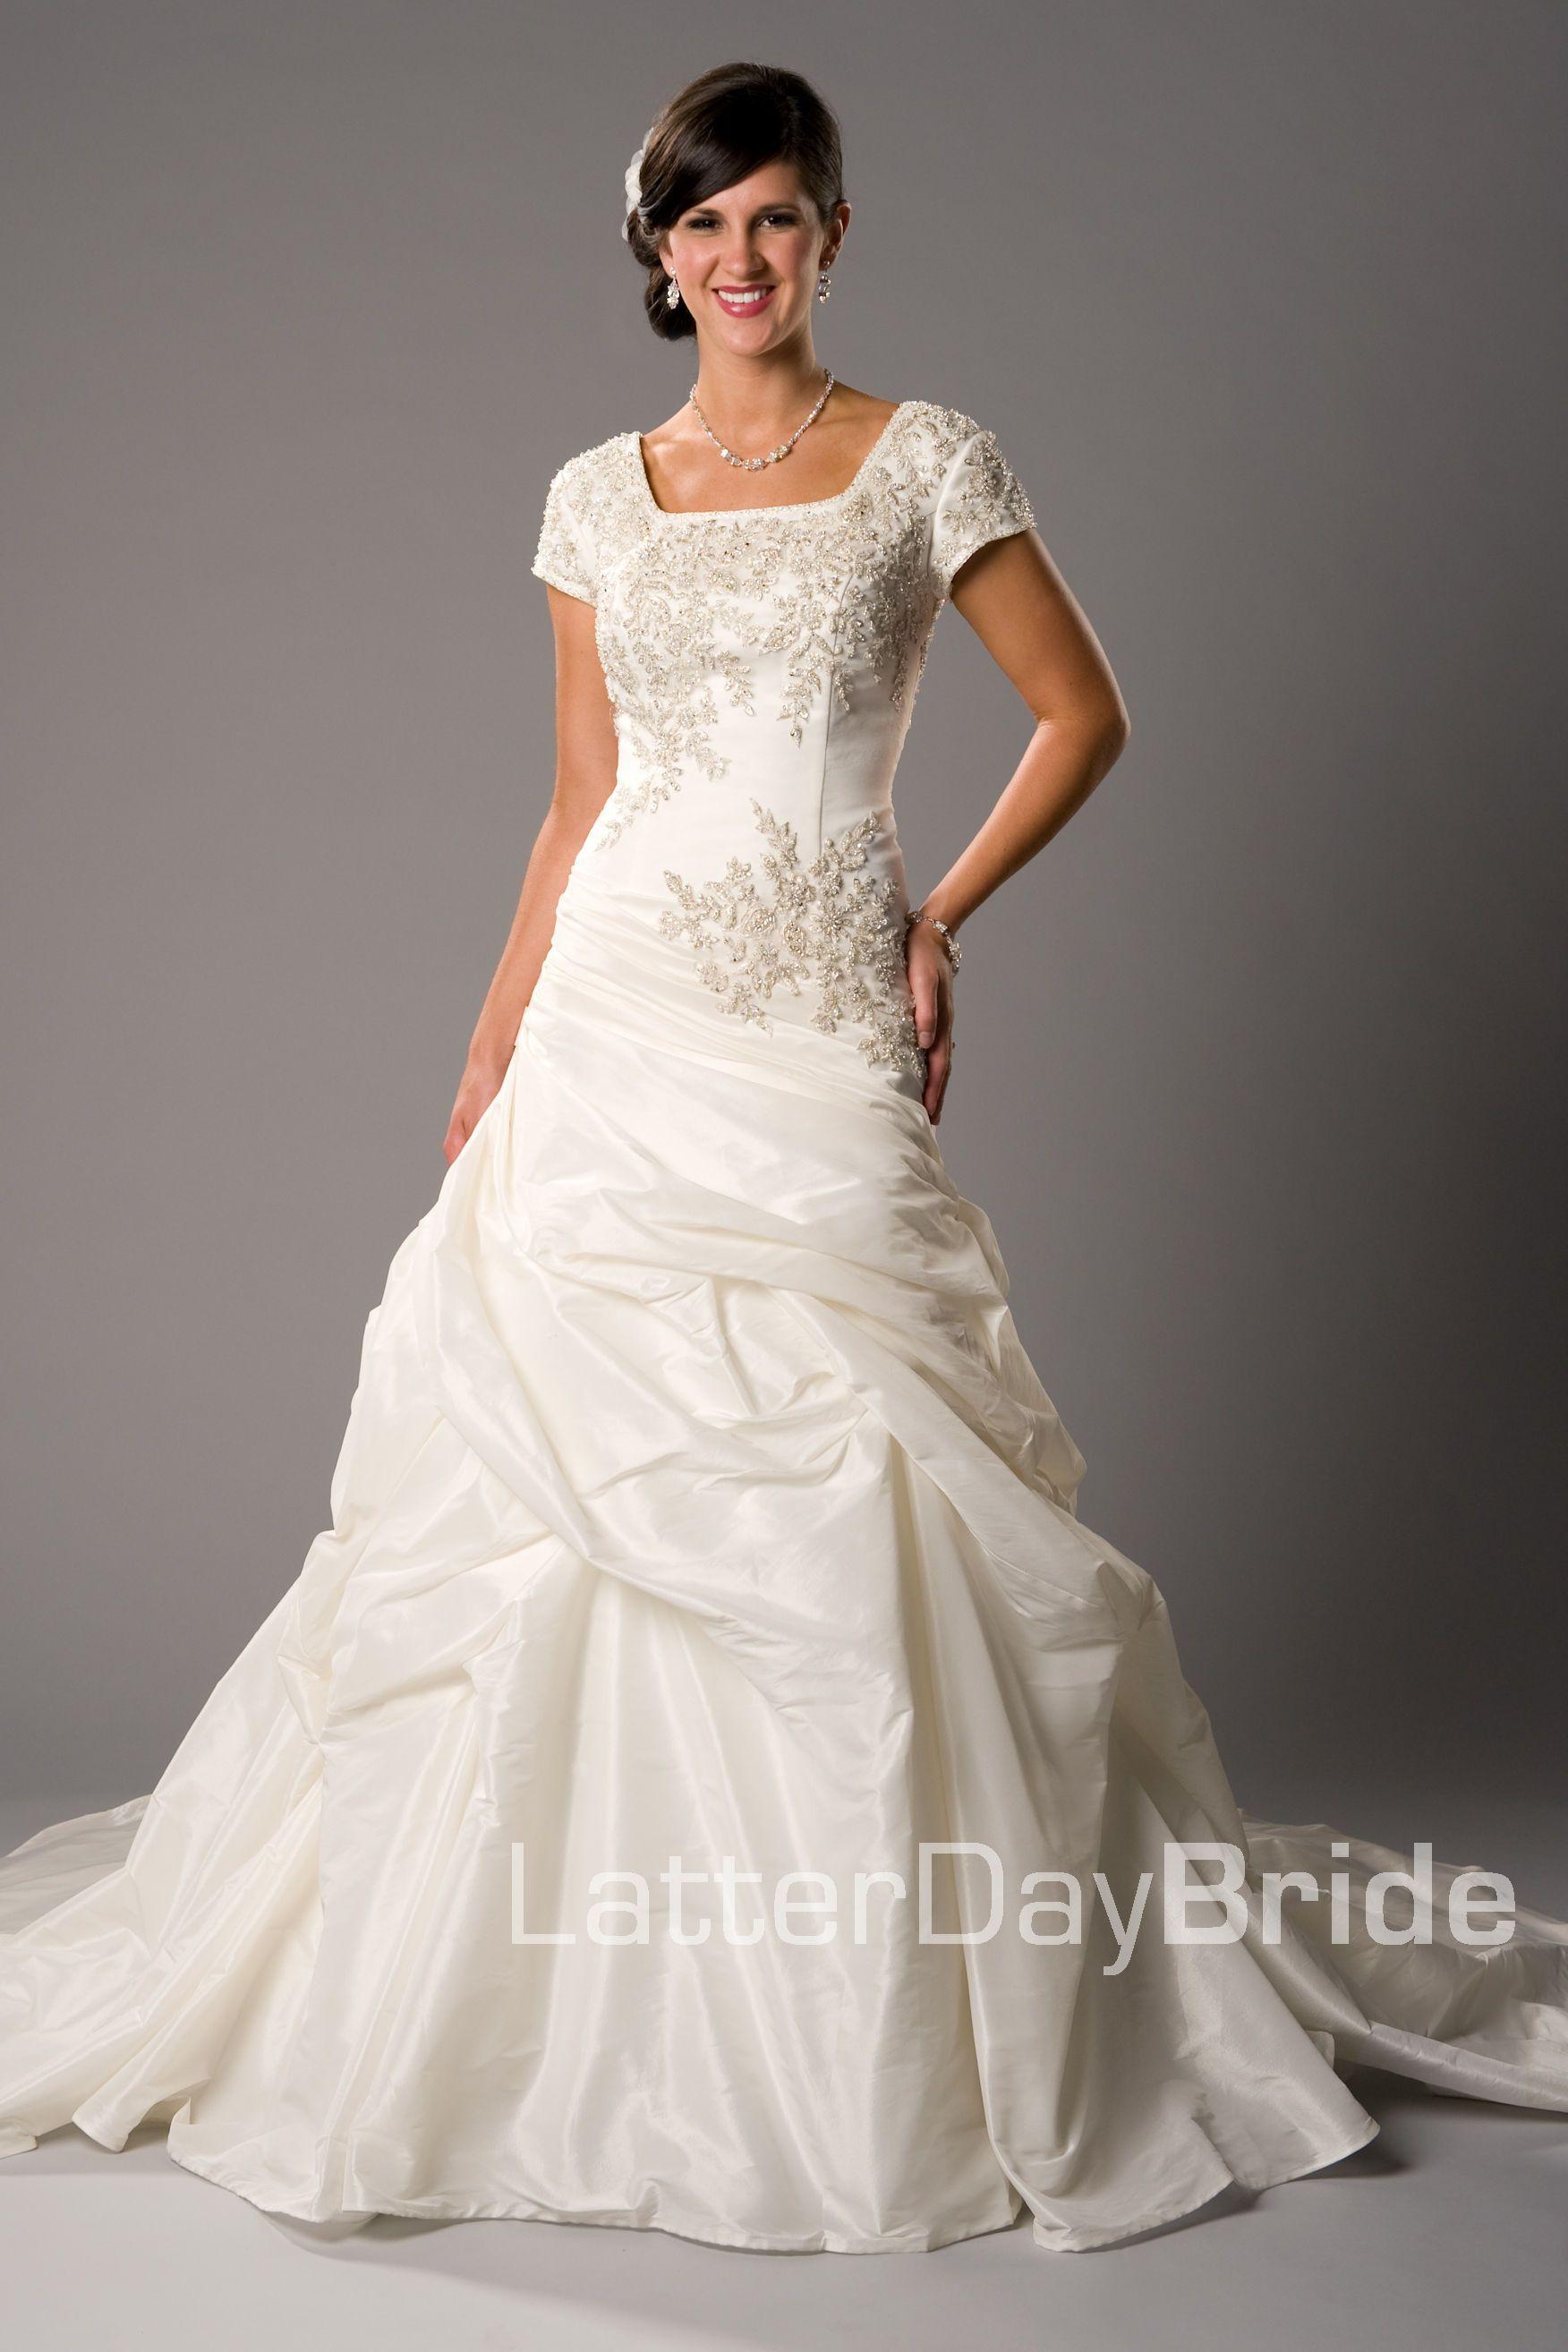 875a18cb51e Modest Wedding Dress, Mirabel | LatterDayBride & Prom. Modest Mormon LDS  Temple Dress